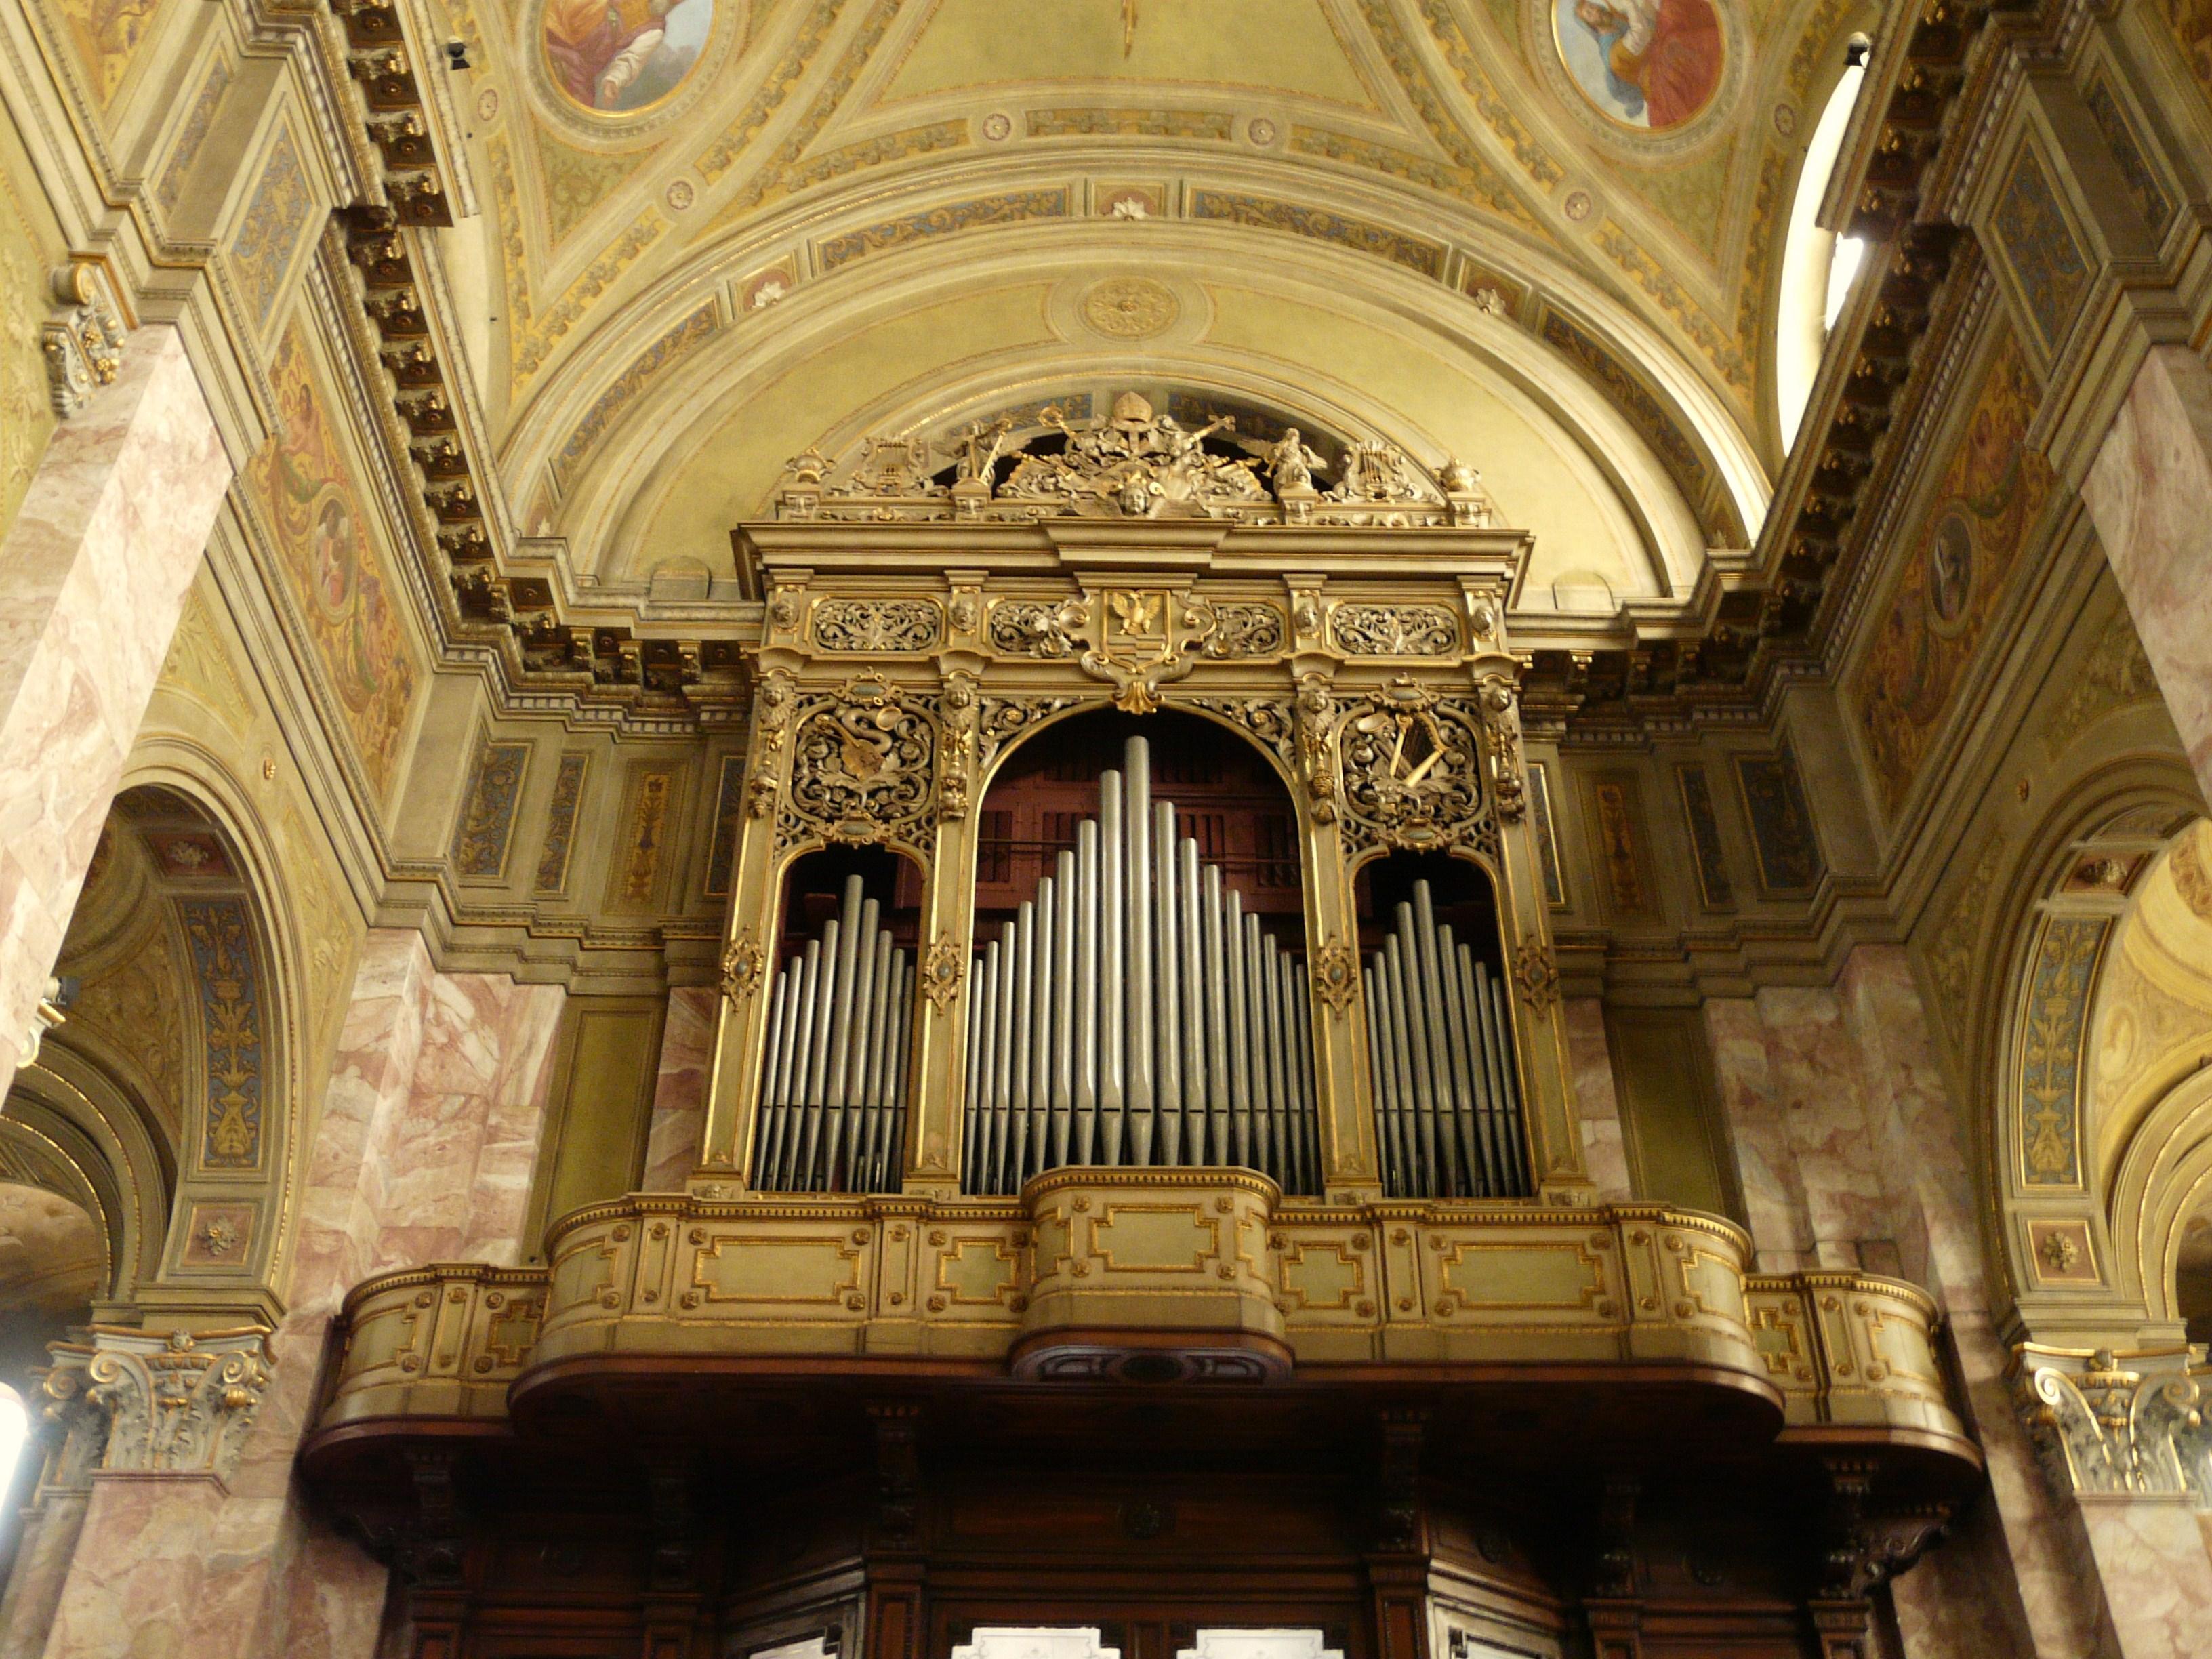 Iniziative musicali a Mirandola e Medolla, nella Bassa Modenese, per salvaguardare gli organi antichi